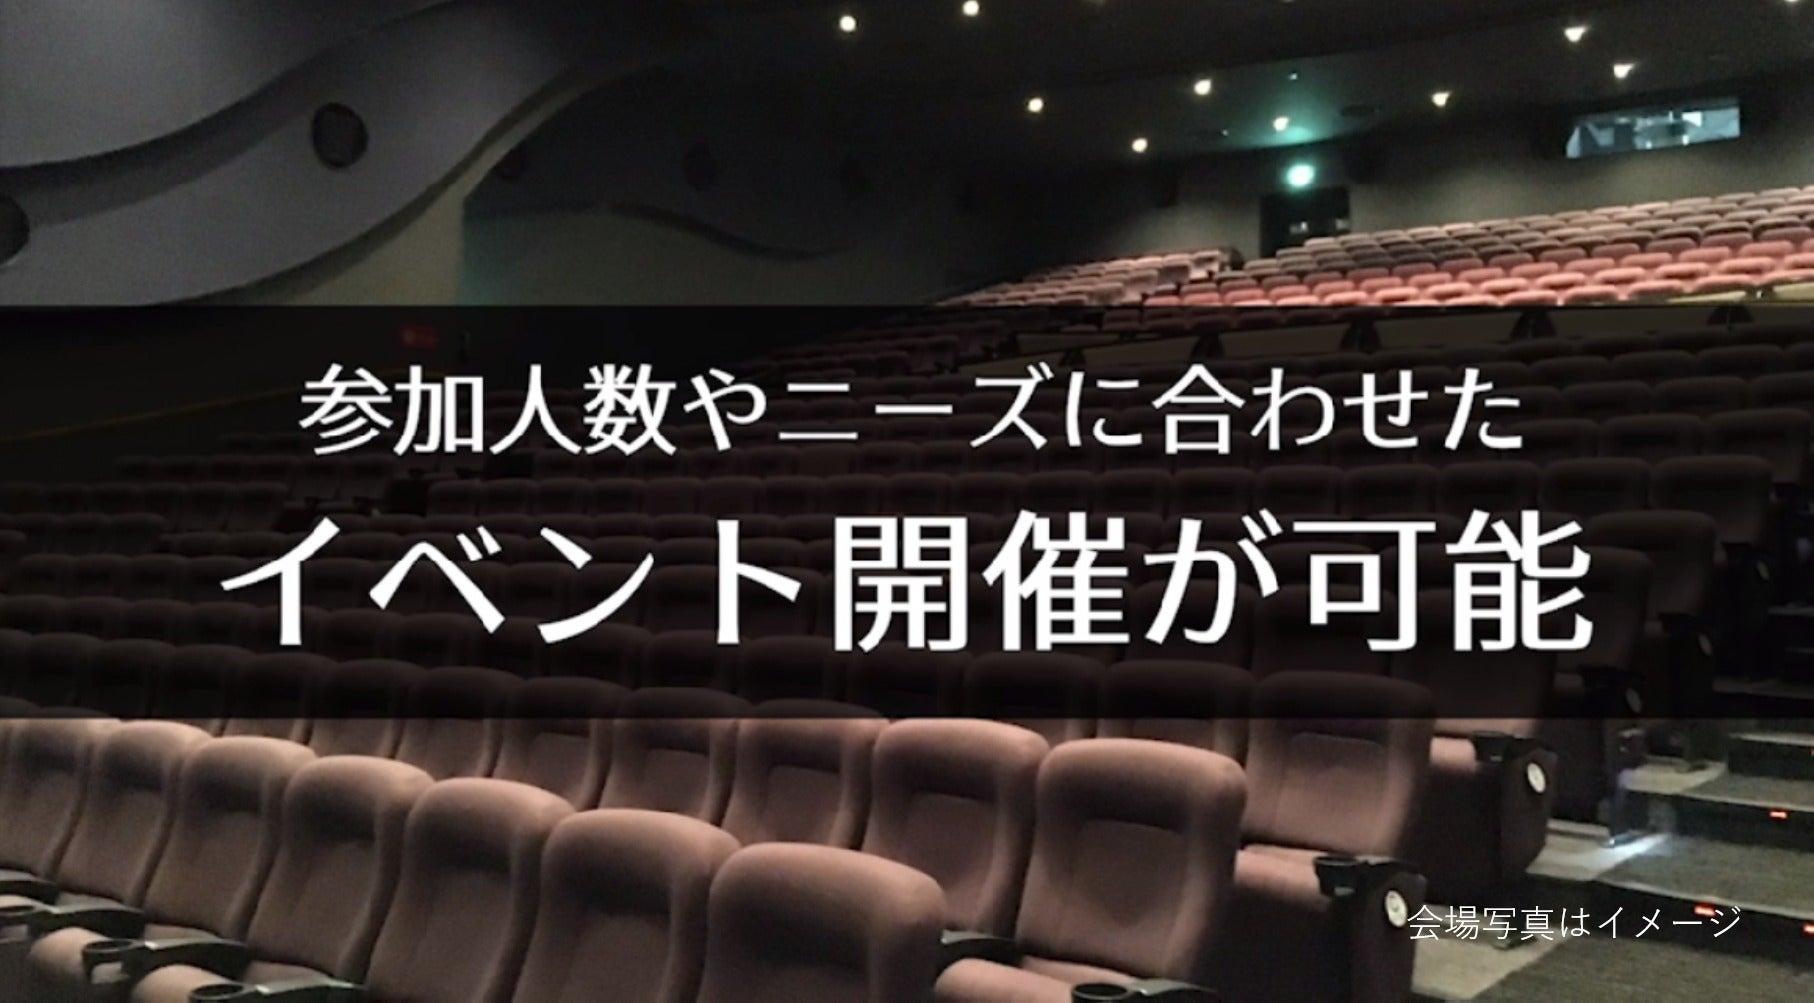 【前橋 274席】映画館で、会社説明会、株主総会、講演会の企画はいかがですか?(ユナイテッド・シネマ前橋) の写真0